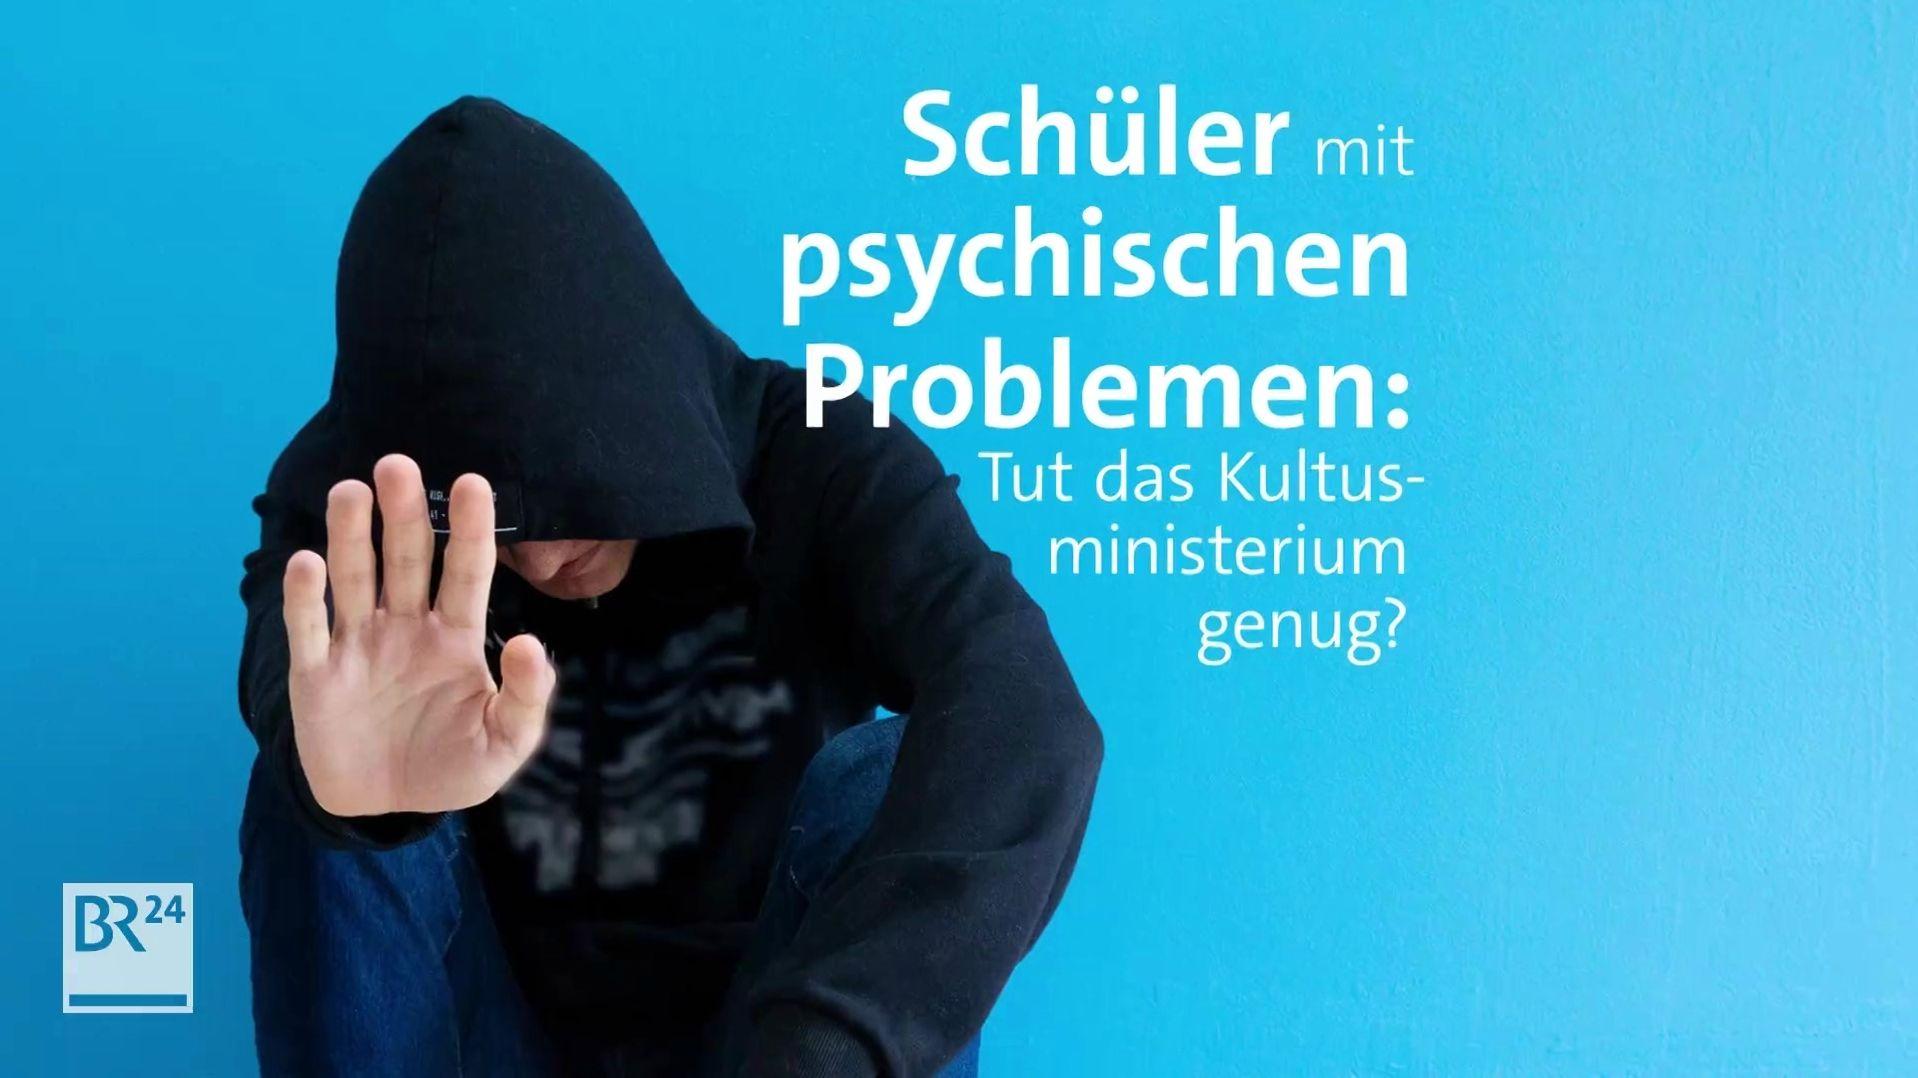 Schüler mit psychischen Problemen: Wird genug getan?